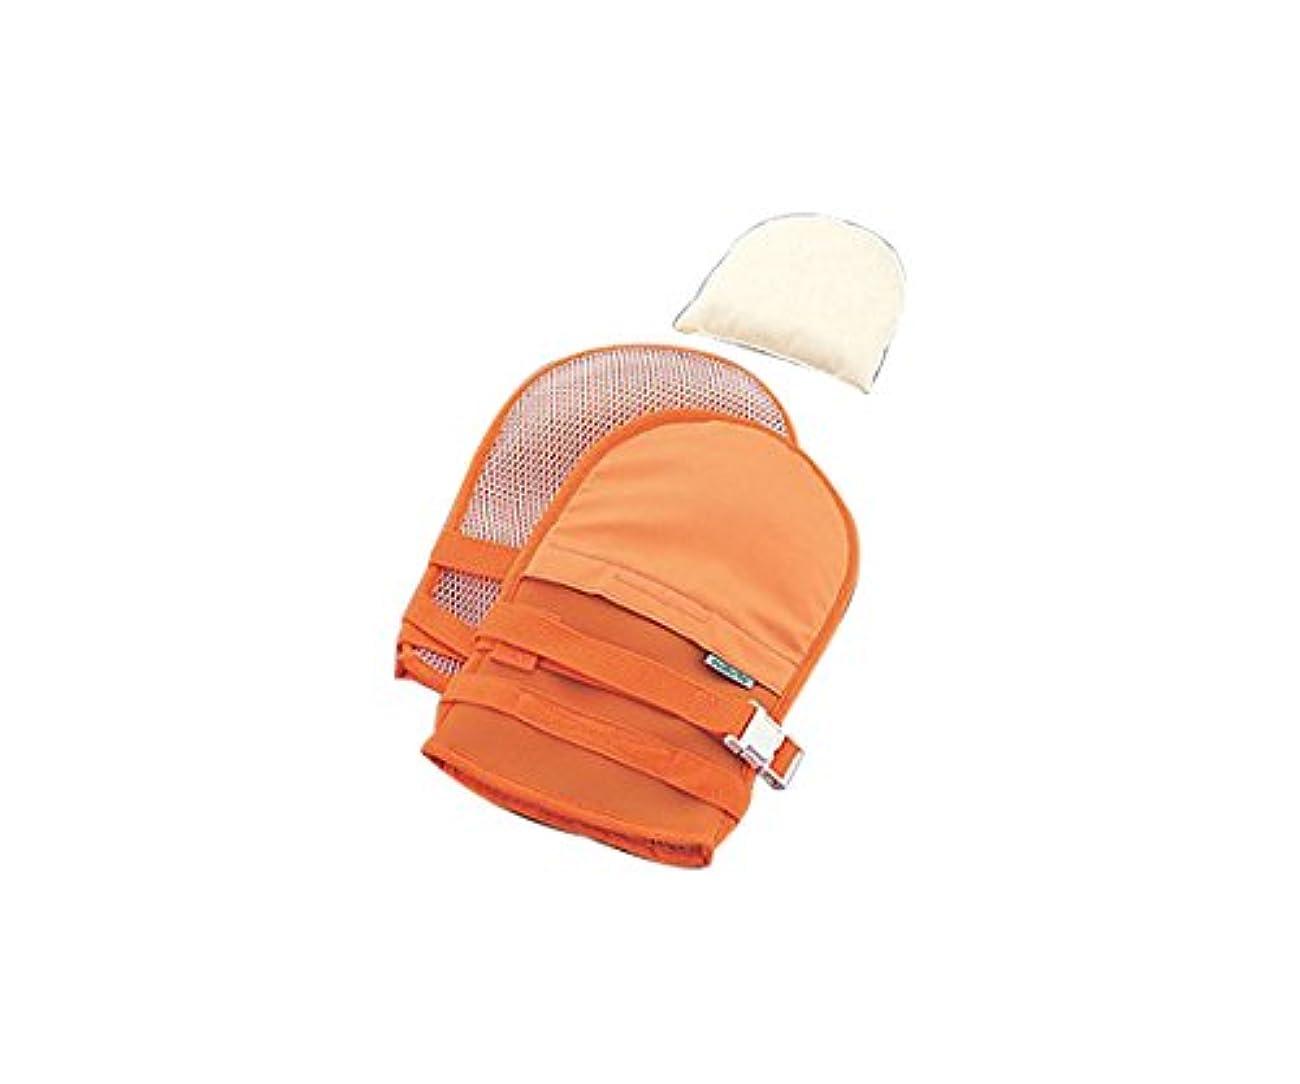 クローンそれからプラットフォームナビス(アズワン)0-1638-42抜管防止手袋中メッシュオレンジ